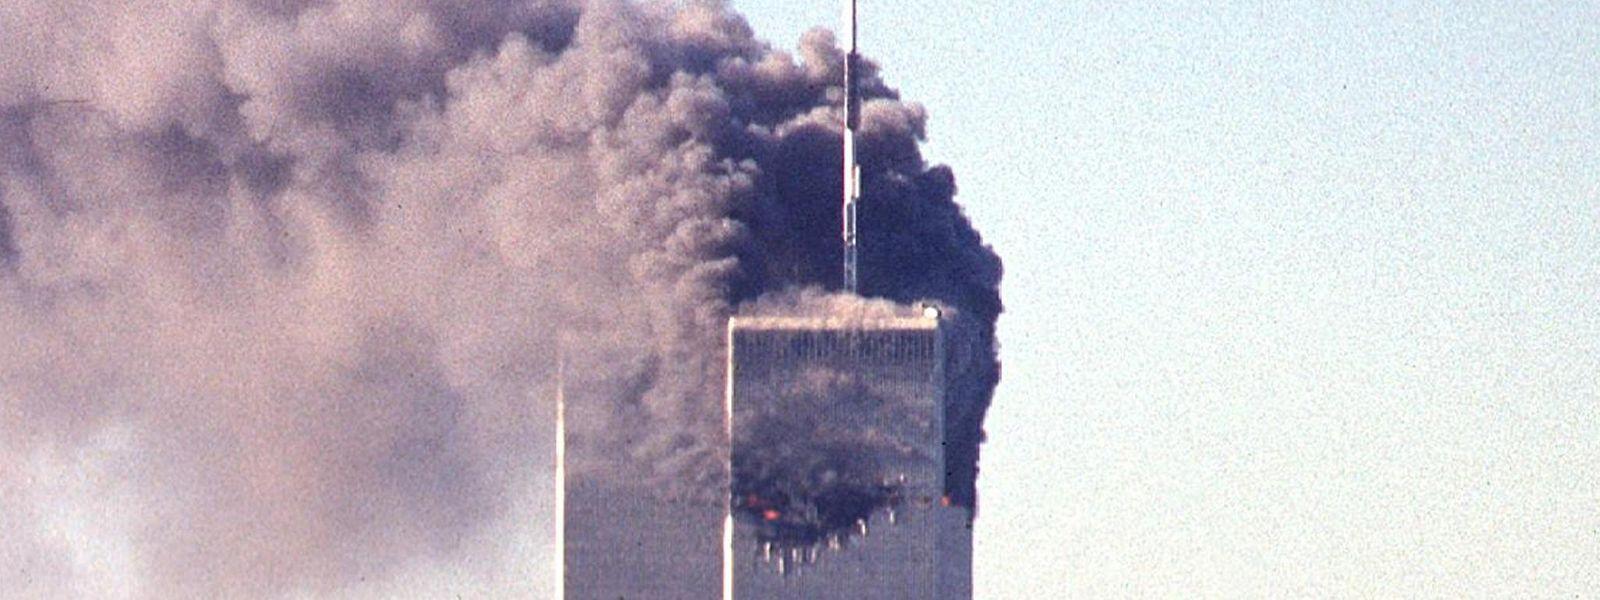 Flugzeuge als Terrorwaffe: Am 11. September 2001 wurde das Horrorszenario tragische Realität.